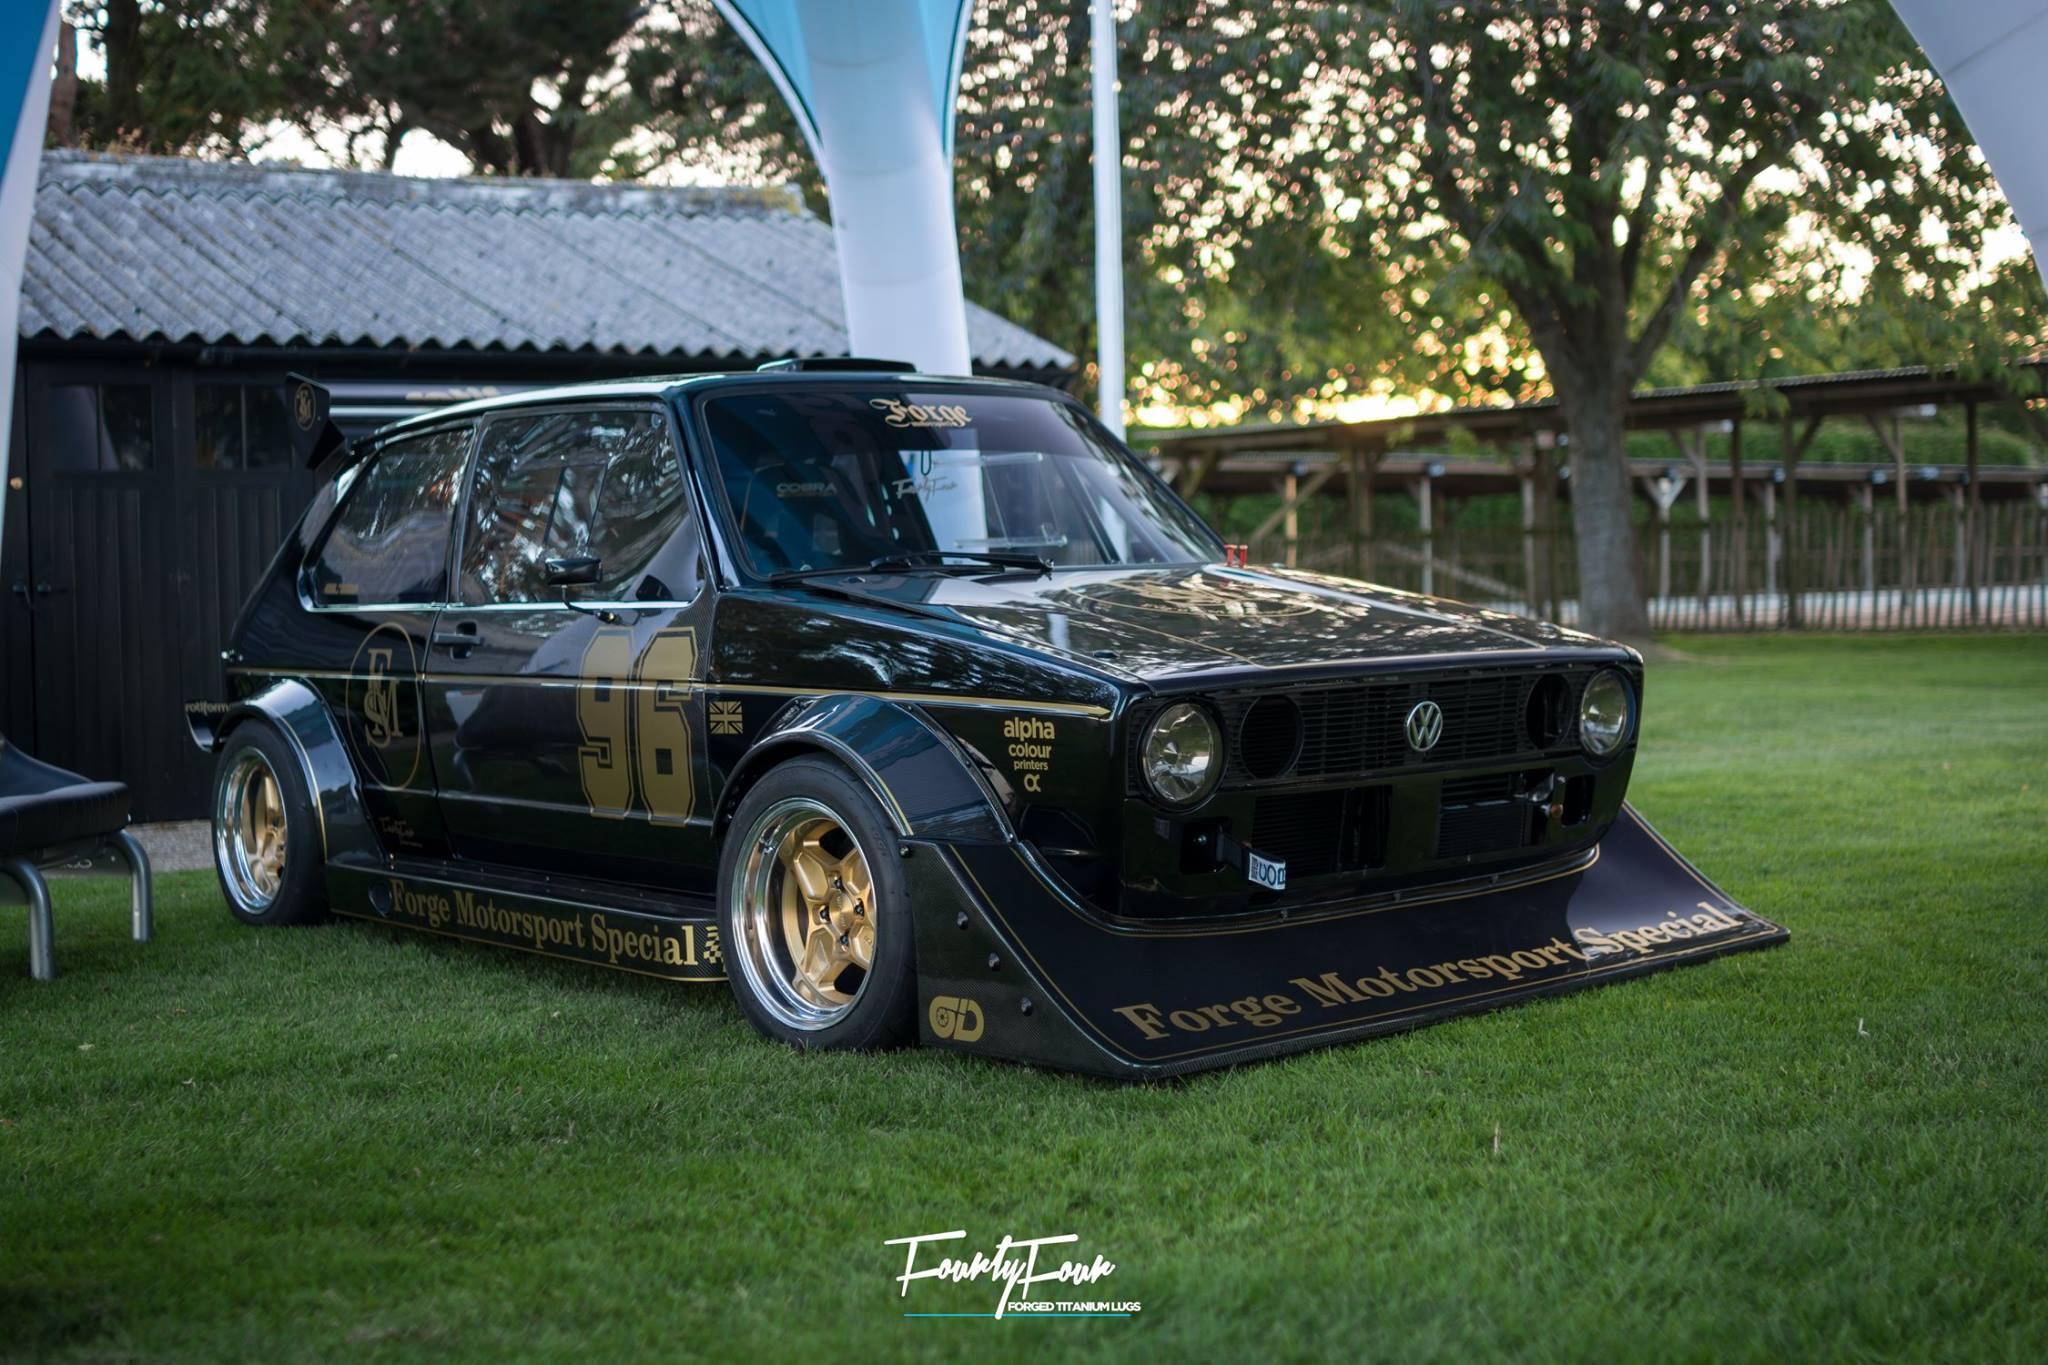 Forge Motorsport Sponsored Build